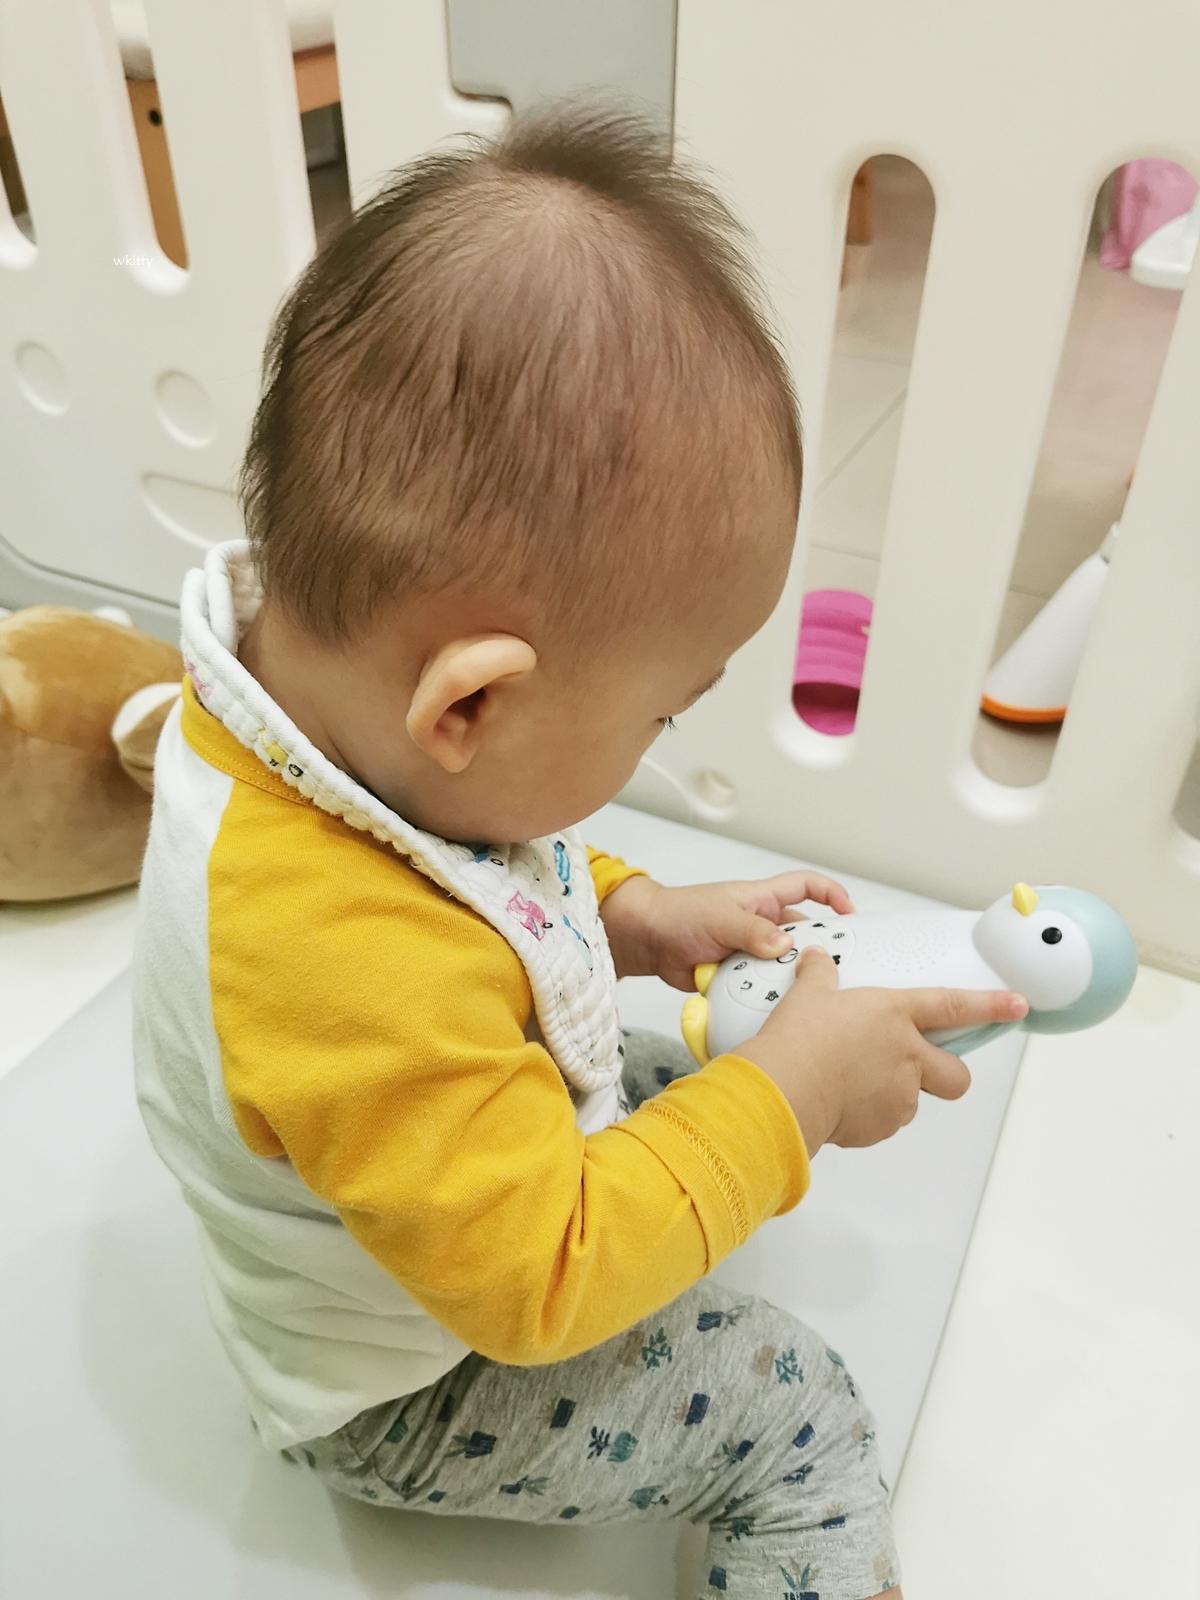 【荷蘭ZAZU好朋友】寶寶的安撫神器,心跳聲.白噪音.安撫音樂.投影聲光.哭聲喚醒,爸媽的育兒神隊友 @小環妞 幸福足跡